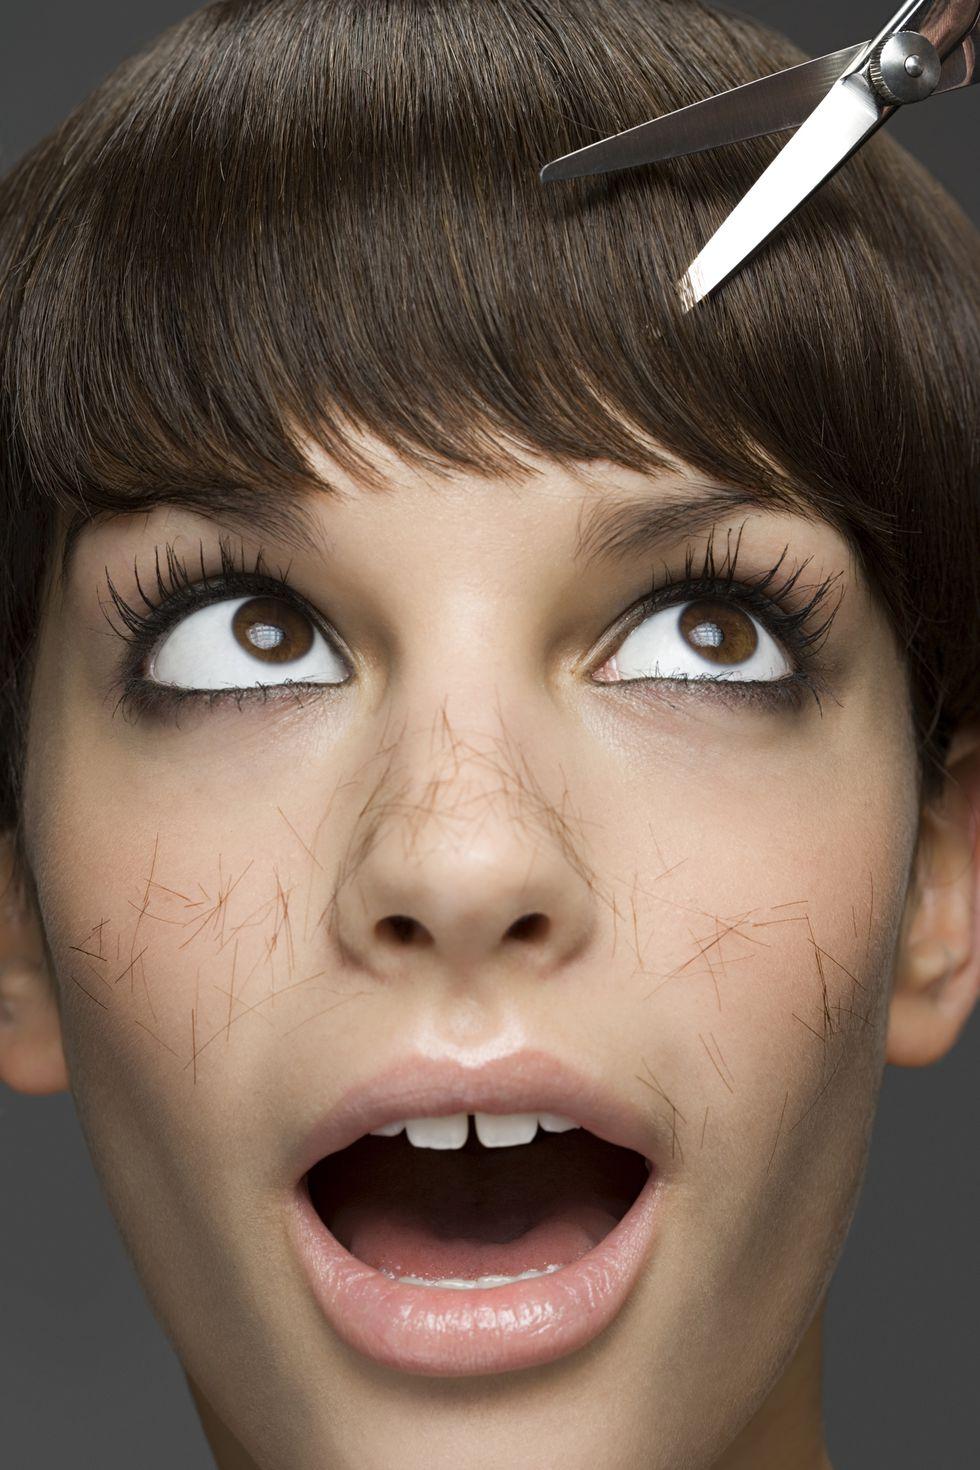 2.是否能夠忍受瀏海的刺痛感? 為了預留一點長度夾內彎,空氣瀏海的最佳長度是在眉毛下方、眼睛上方位置,對於一些不能夠忍受頭髮刺眼的女生來說,簡直是一秒也不能容忍,特別是在夏天的時候,汗水配上刺眼瀏海,光用想的就受不了啊!